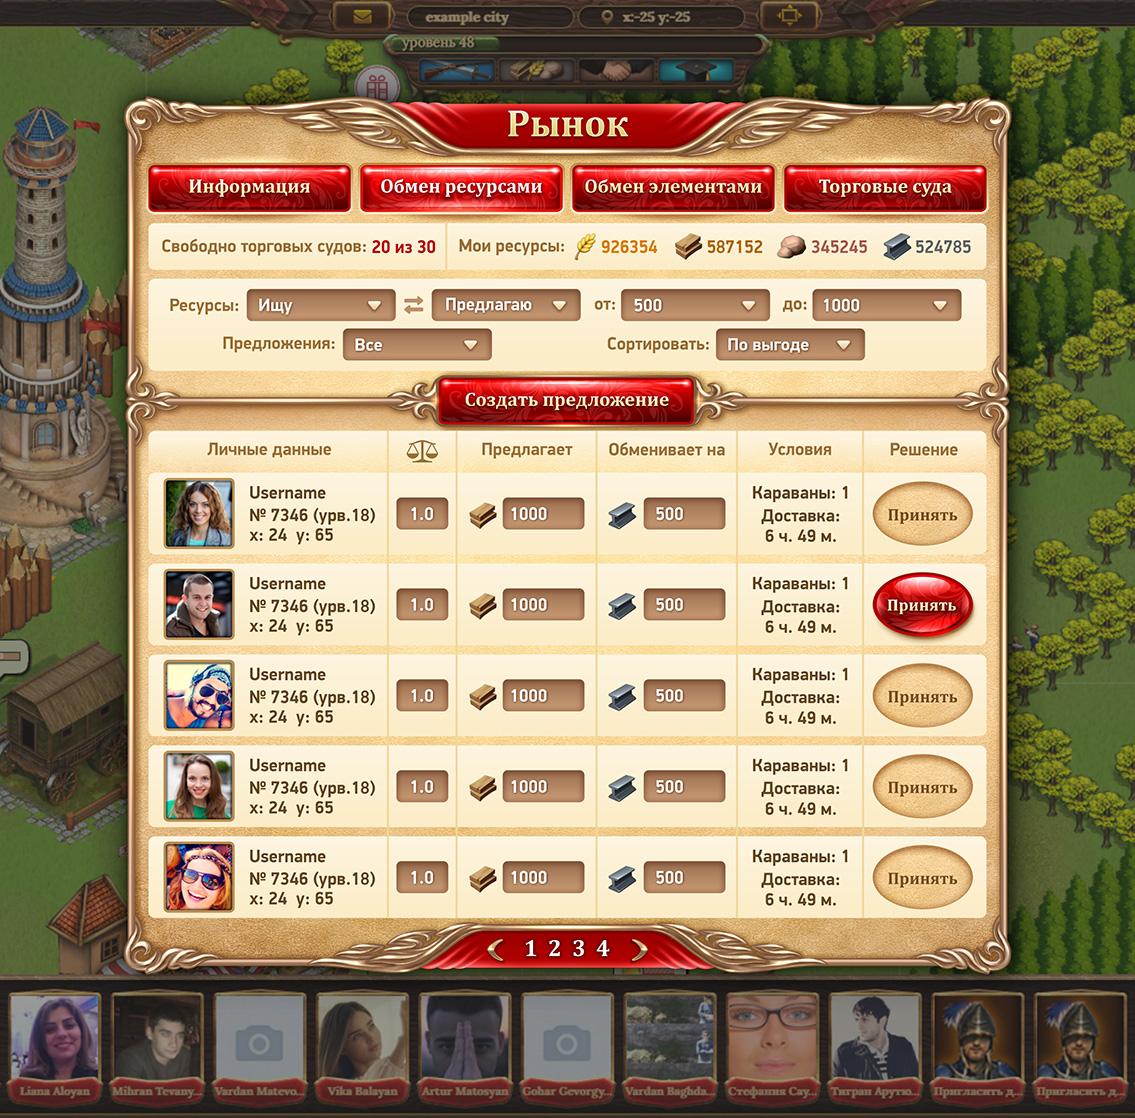 Дизайн окна для игры  фото f_72158b2f01520c4f.jpg